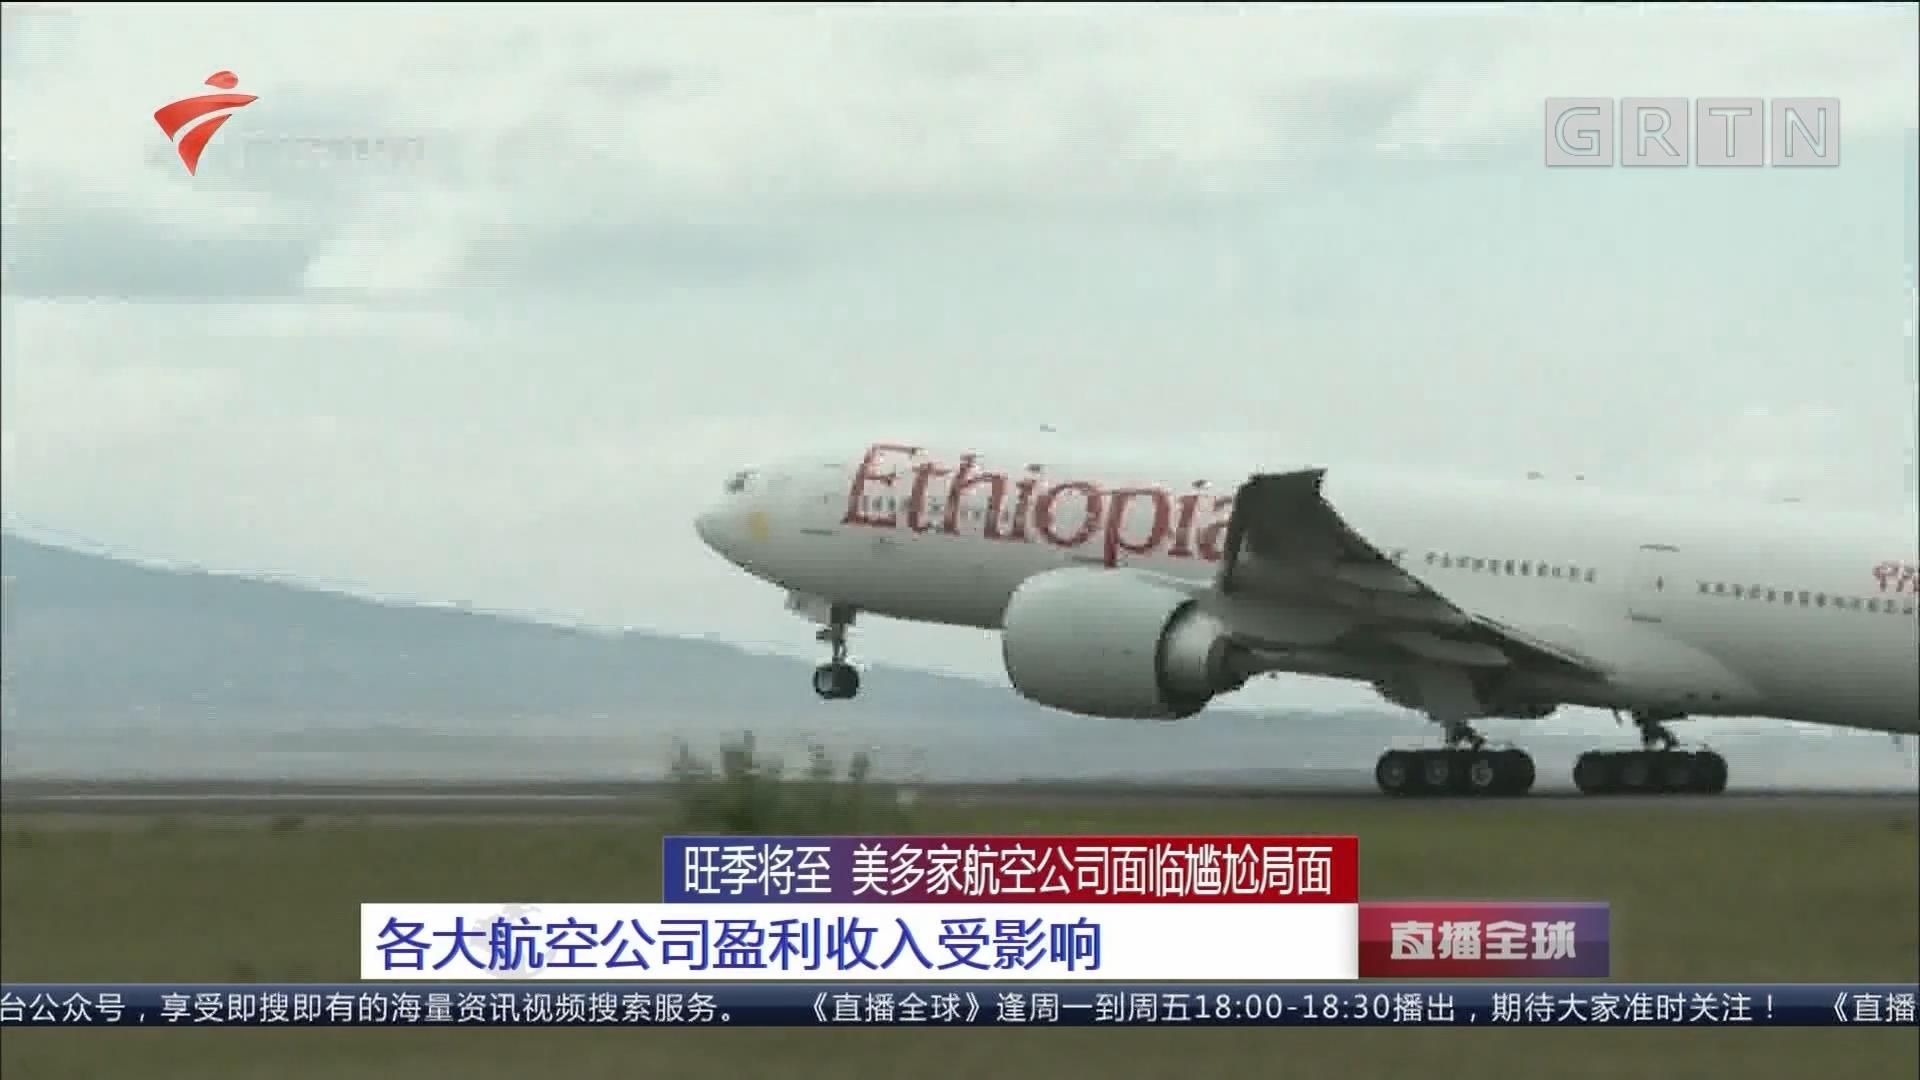 旺季将至 美多家航空公司面临尴尬局面 各大航空公司盈利收入受影响